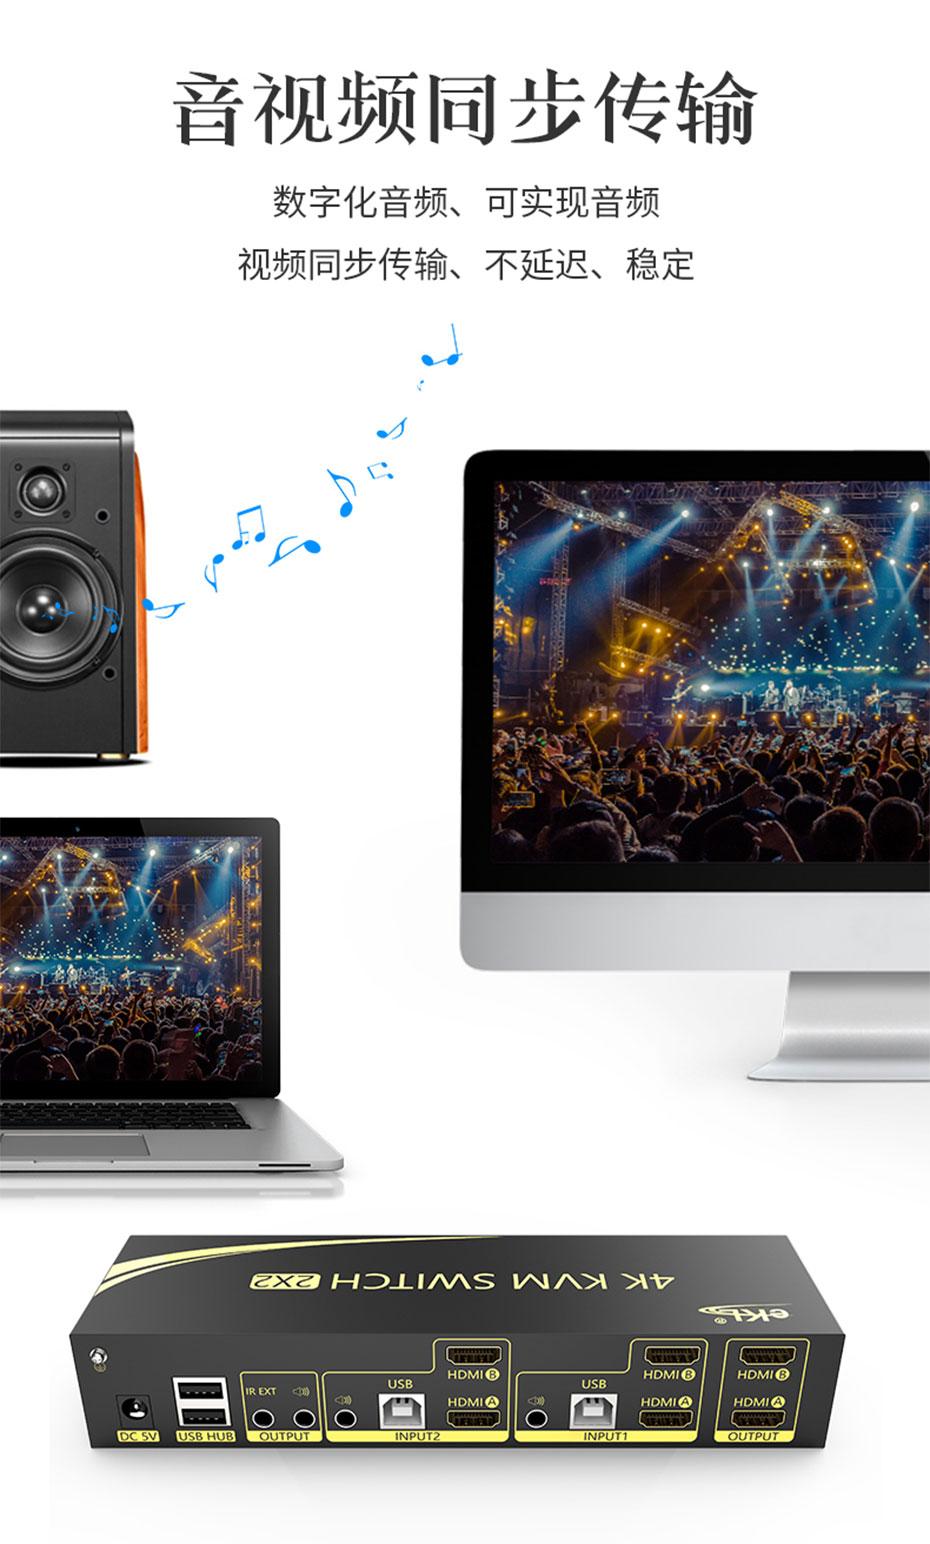 双屏HDMI KVM切换器212HK支持音视频同步传输